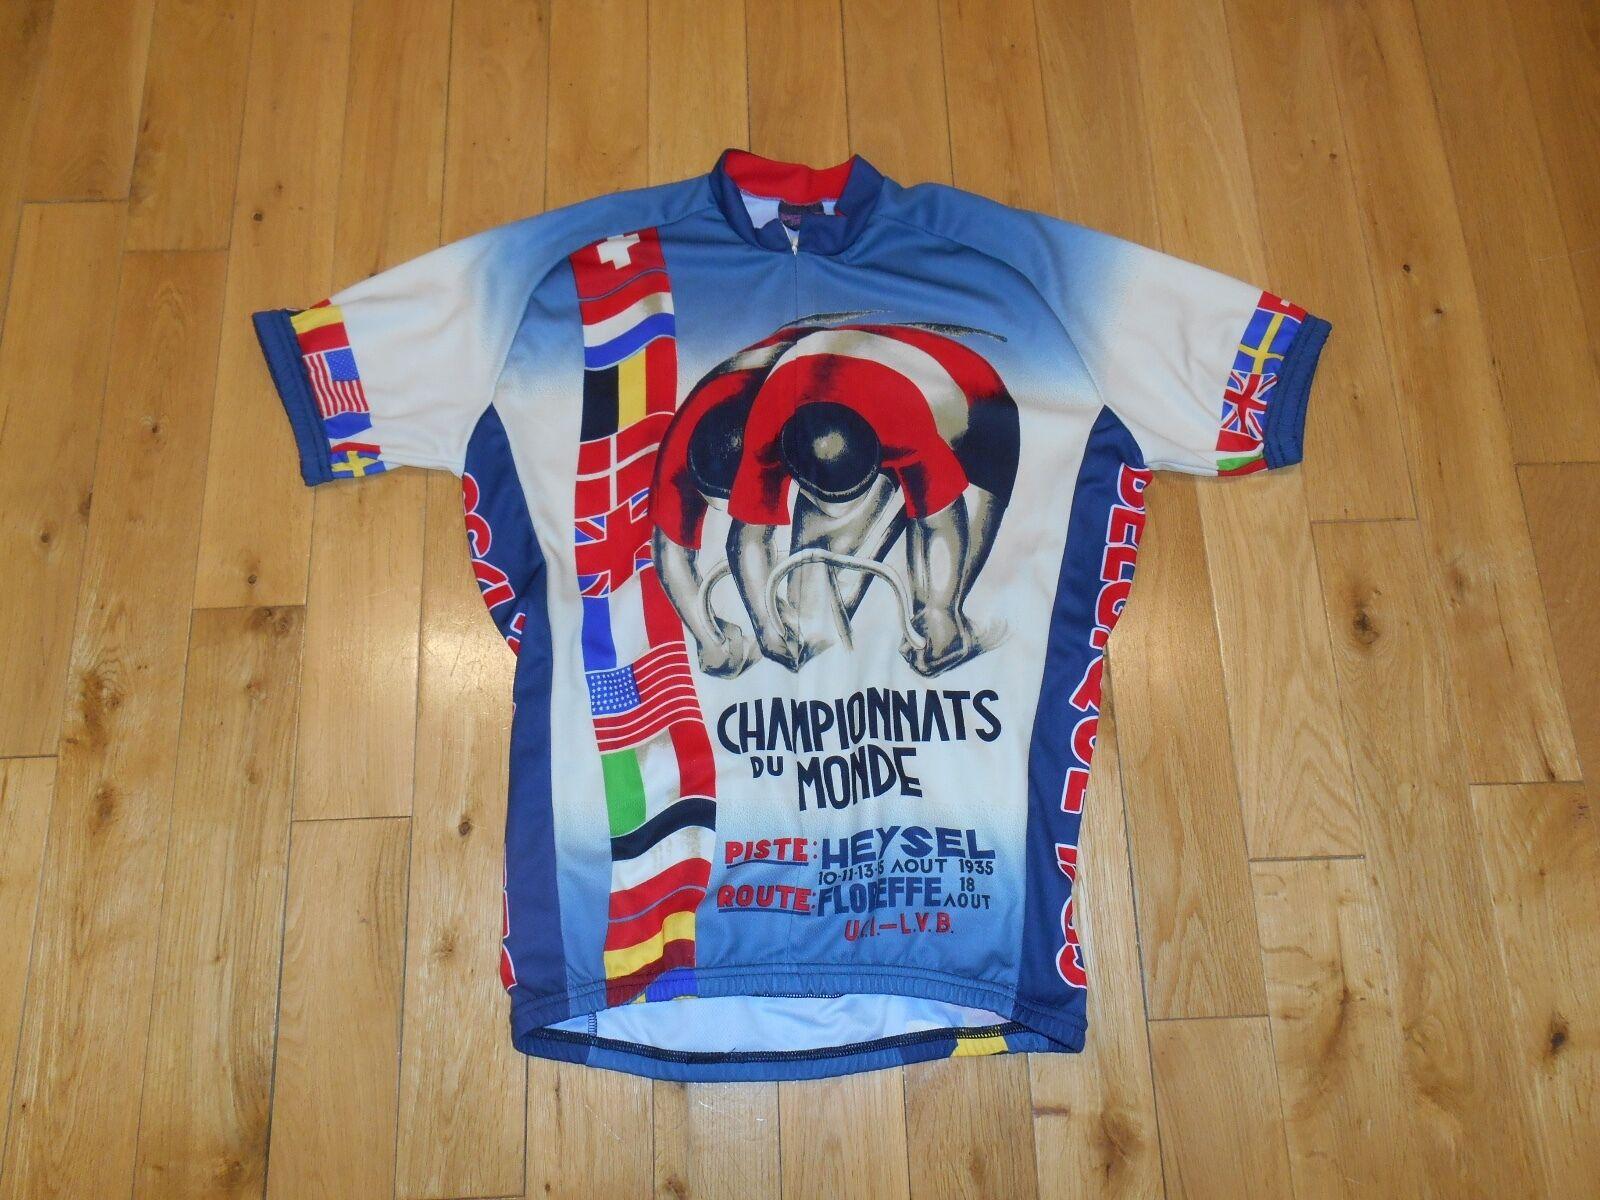 Retro Image CHAMPIONNATS DU MONDE 1935 CYCLING JERSEY SHIRT ADULT LG Champions